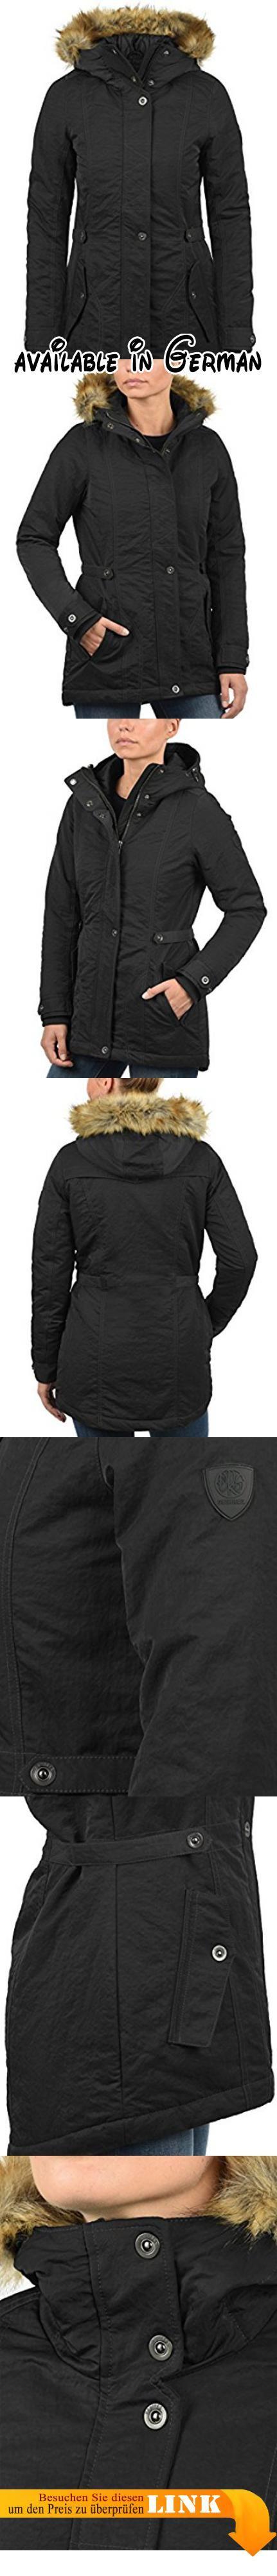 B075Z4VYQQ : DESIRES Jana Damen Parka lange Jacke Winter-Mantel mit Kapuze und Fellkragen aus hochwertiger Materialqualität Größe:XL Farbe:Black (9000). HOCHWERTIG: Femininer robuster und kuschelweicher Damen Parka von DESIRES aus mittelschwer gefüttertem Material. DETAILS & HIGHLIGHTS: Kapuze mit Tunnelzug und abnehmbarem Fellkragen (Reißverschluss) zwei seitliche Eingriffstaschen mit Druckknöpfen Kunststoff- Patch auf dem Linken Ärmel verstellbarer Taillenumfang